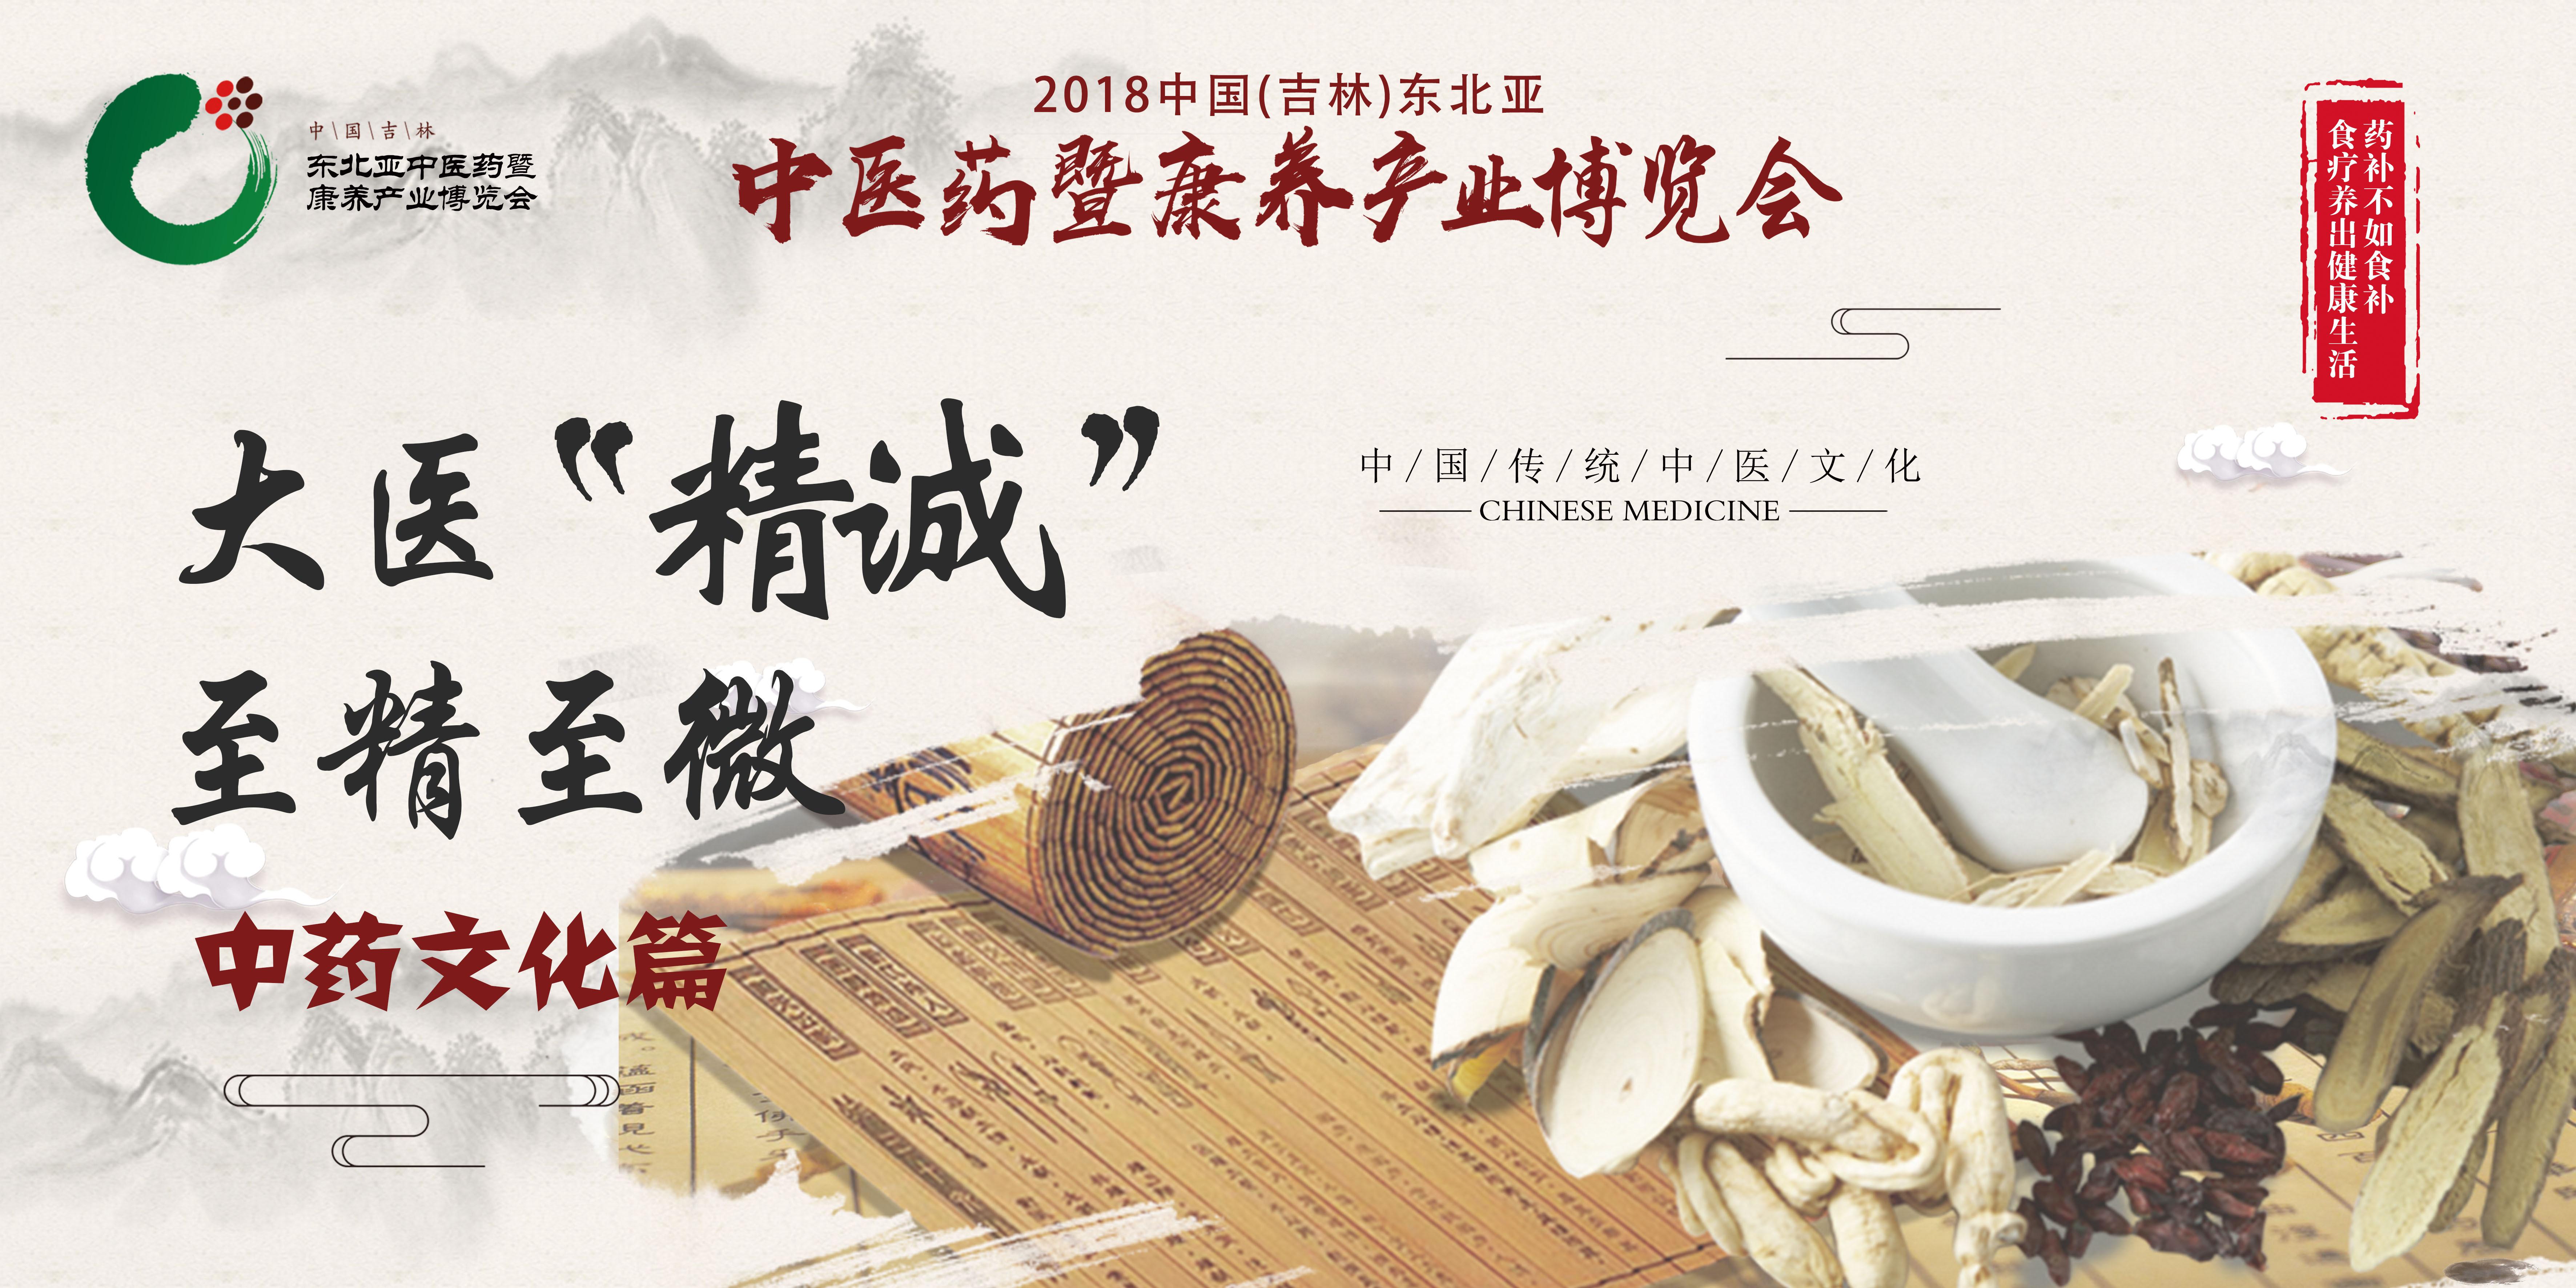 """东北亚博览会姊妹展:有一棵""""仙草仙草仙草""""随风舞蹈"""